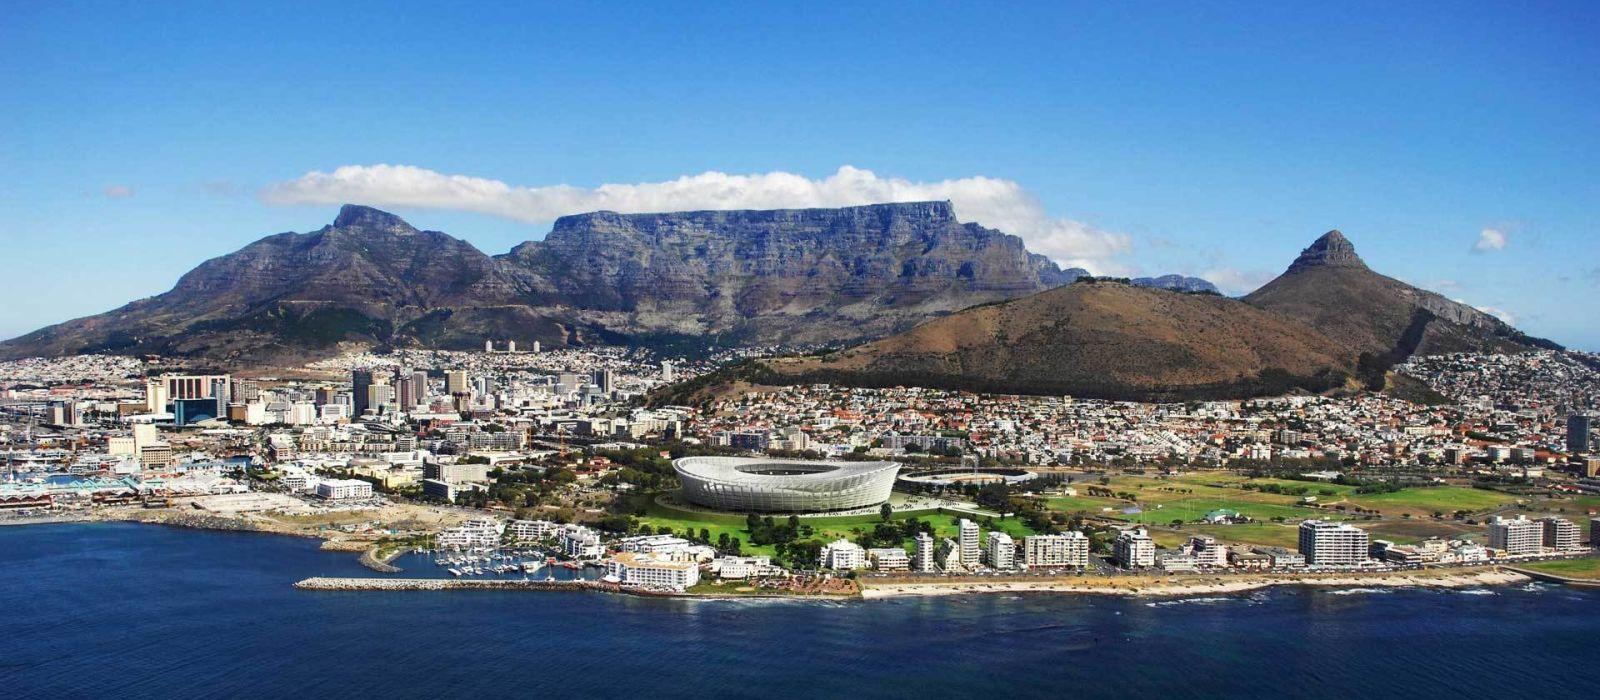 Kapstadt und Klassisches Namibia Urlaub 4